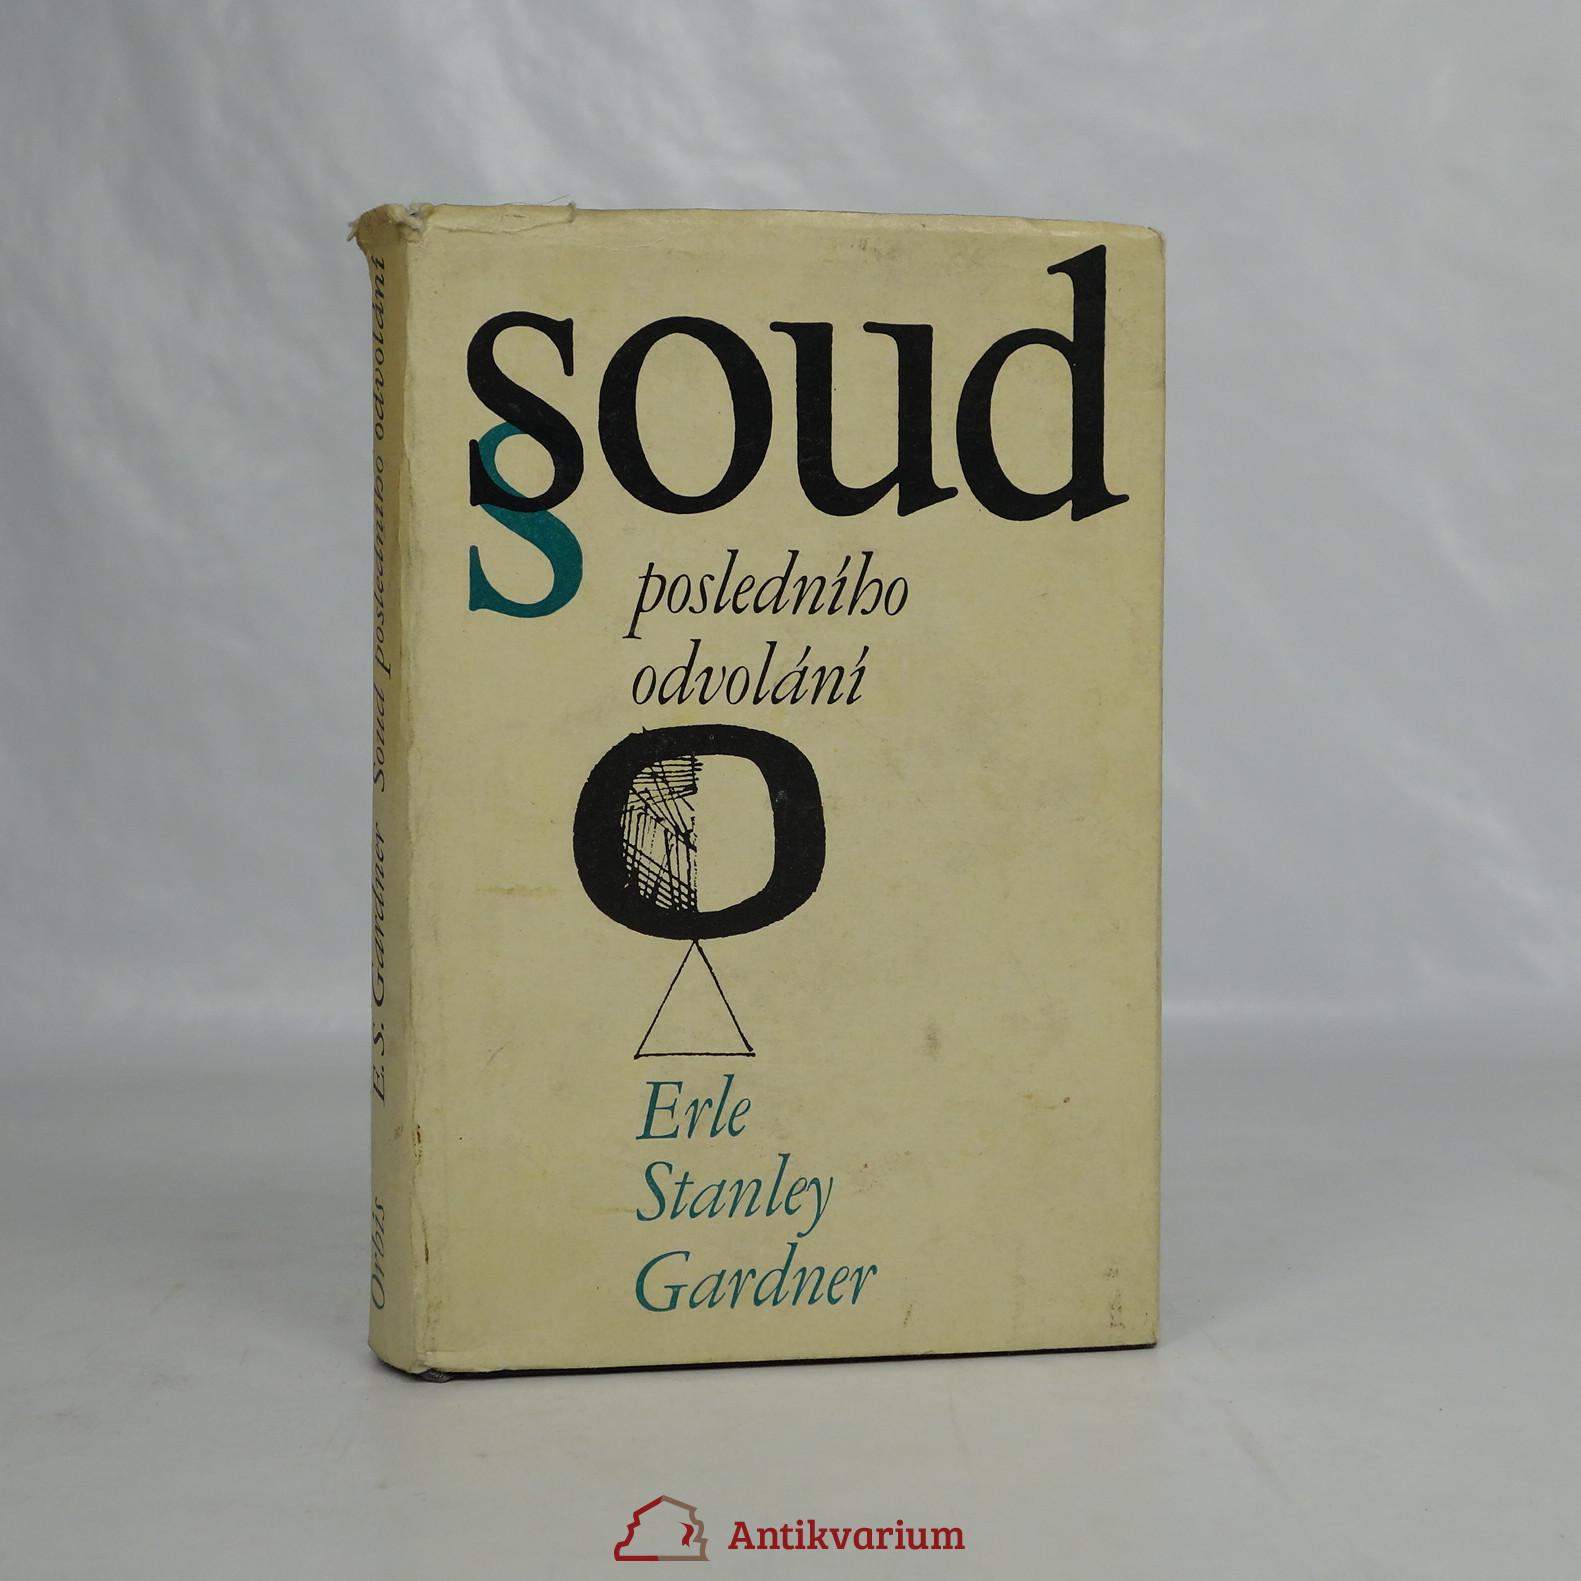 antikvární kniha Soud posledního odvolání, 1968